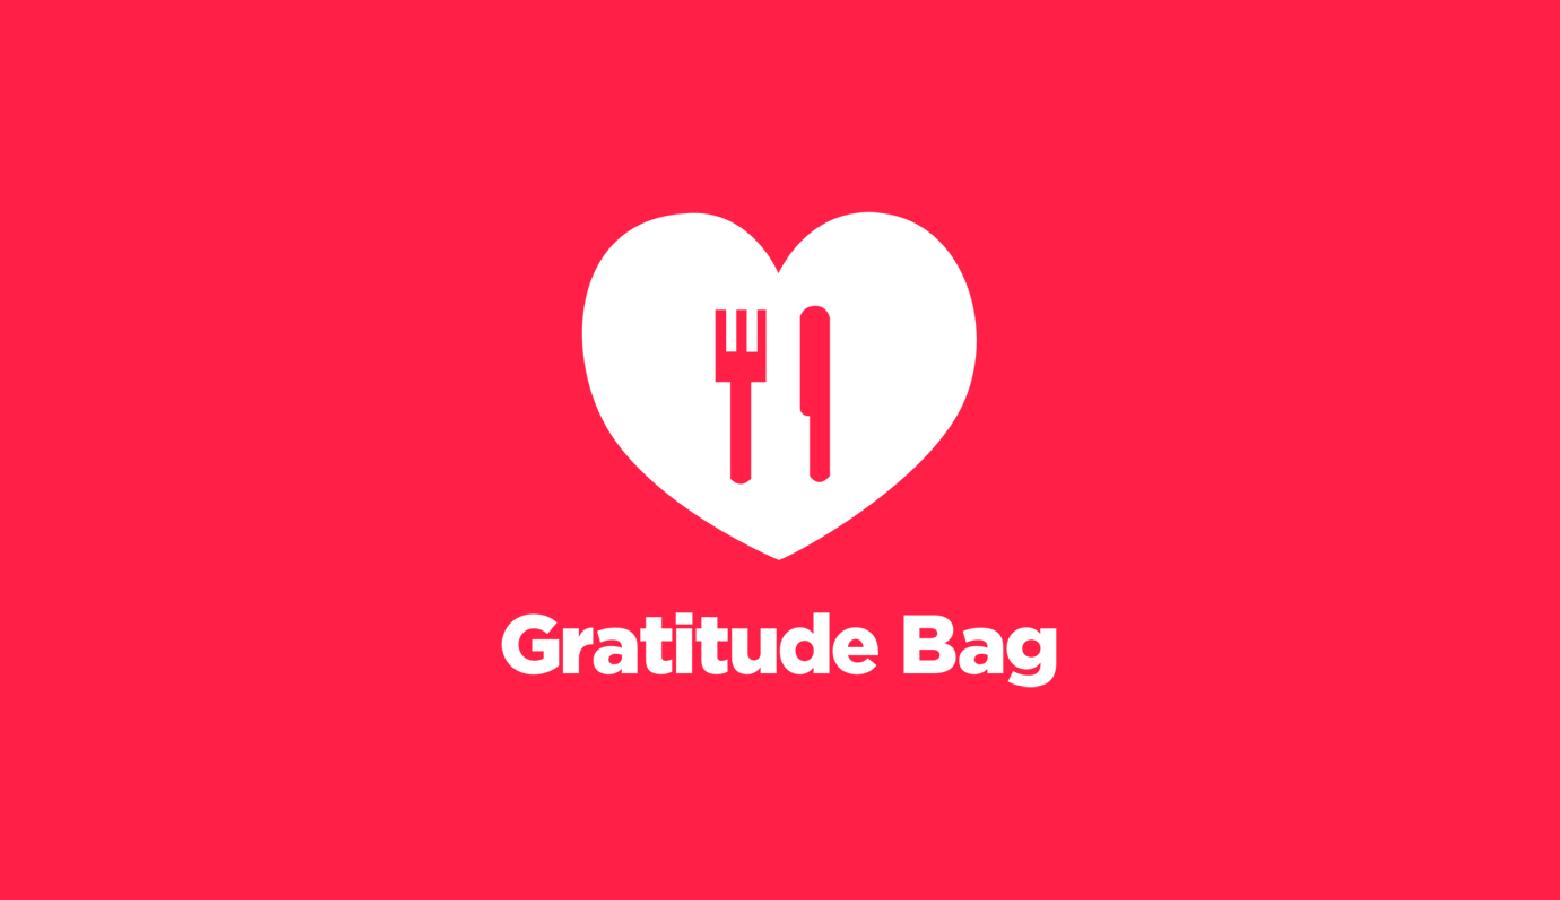 Gratitude Bag